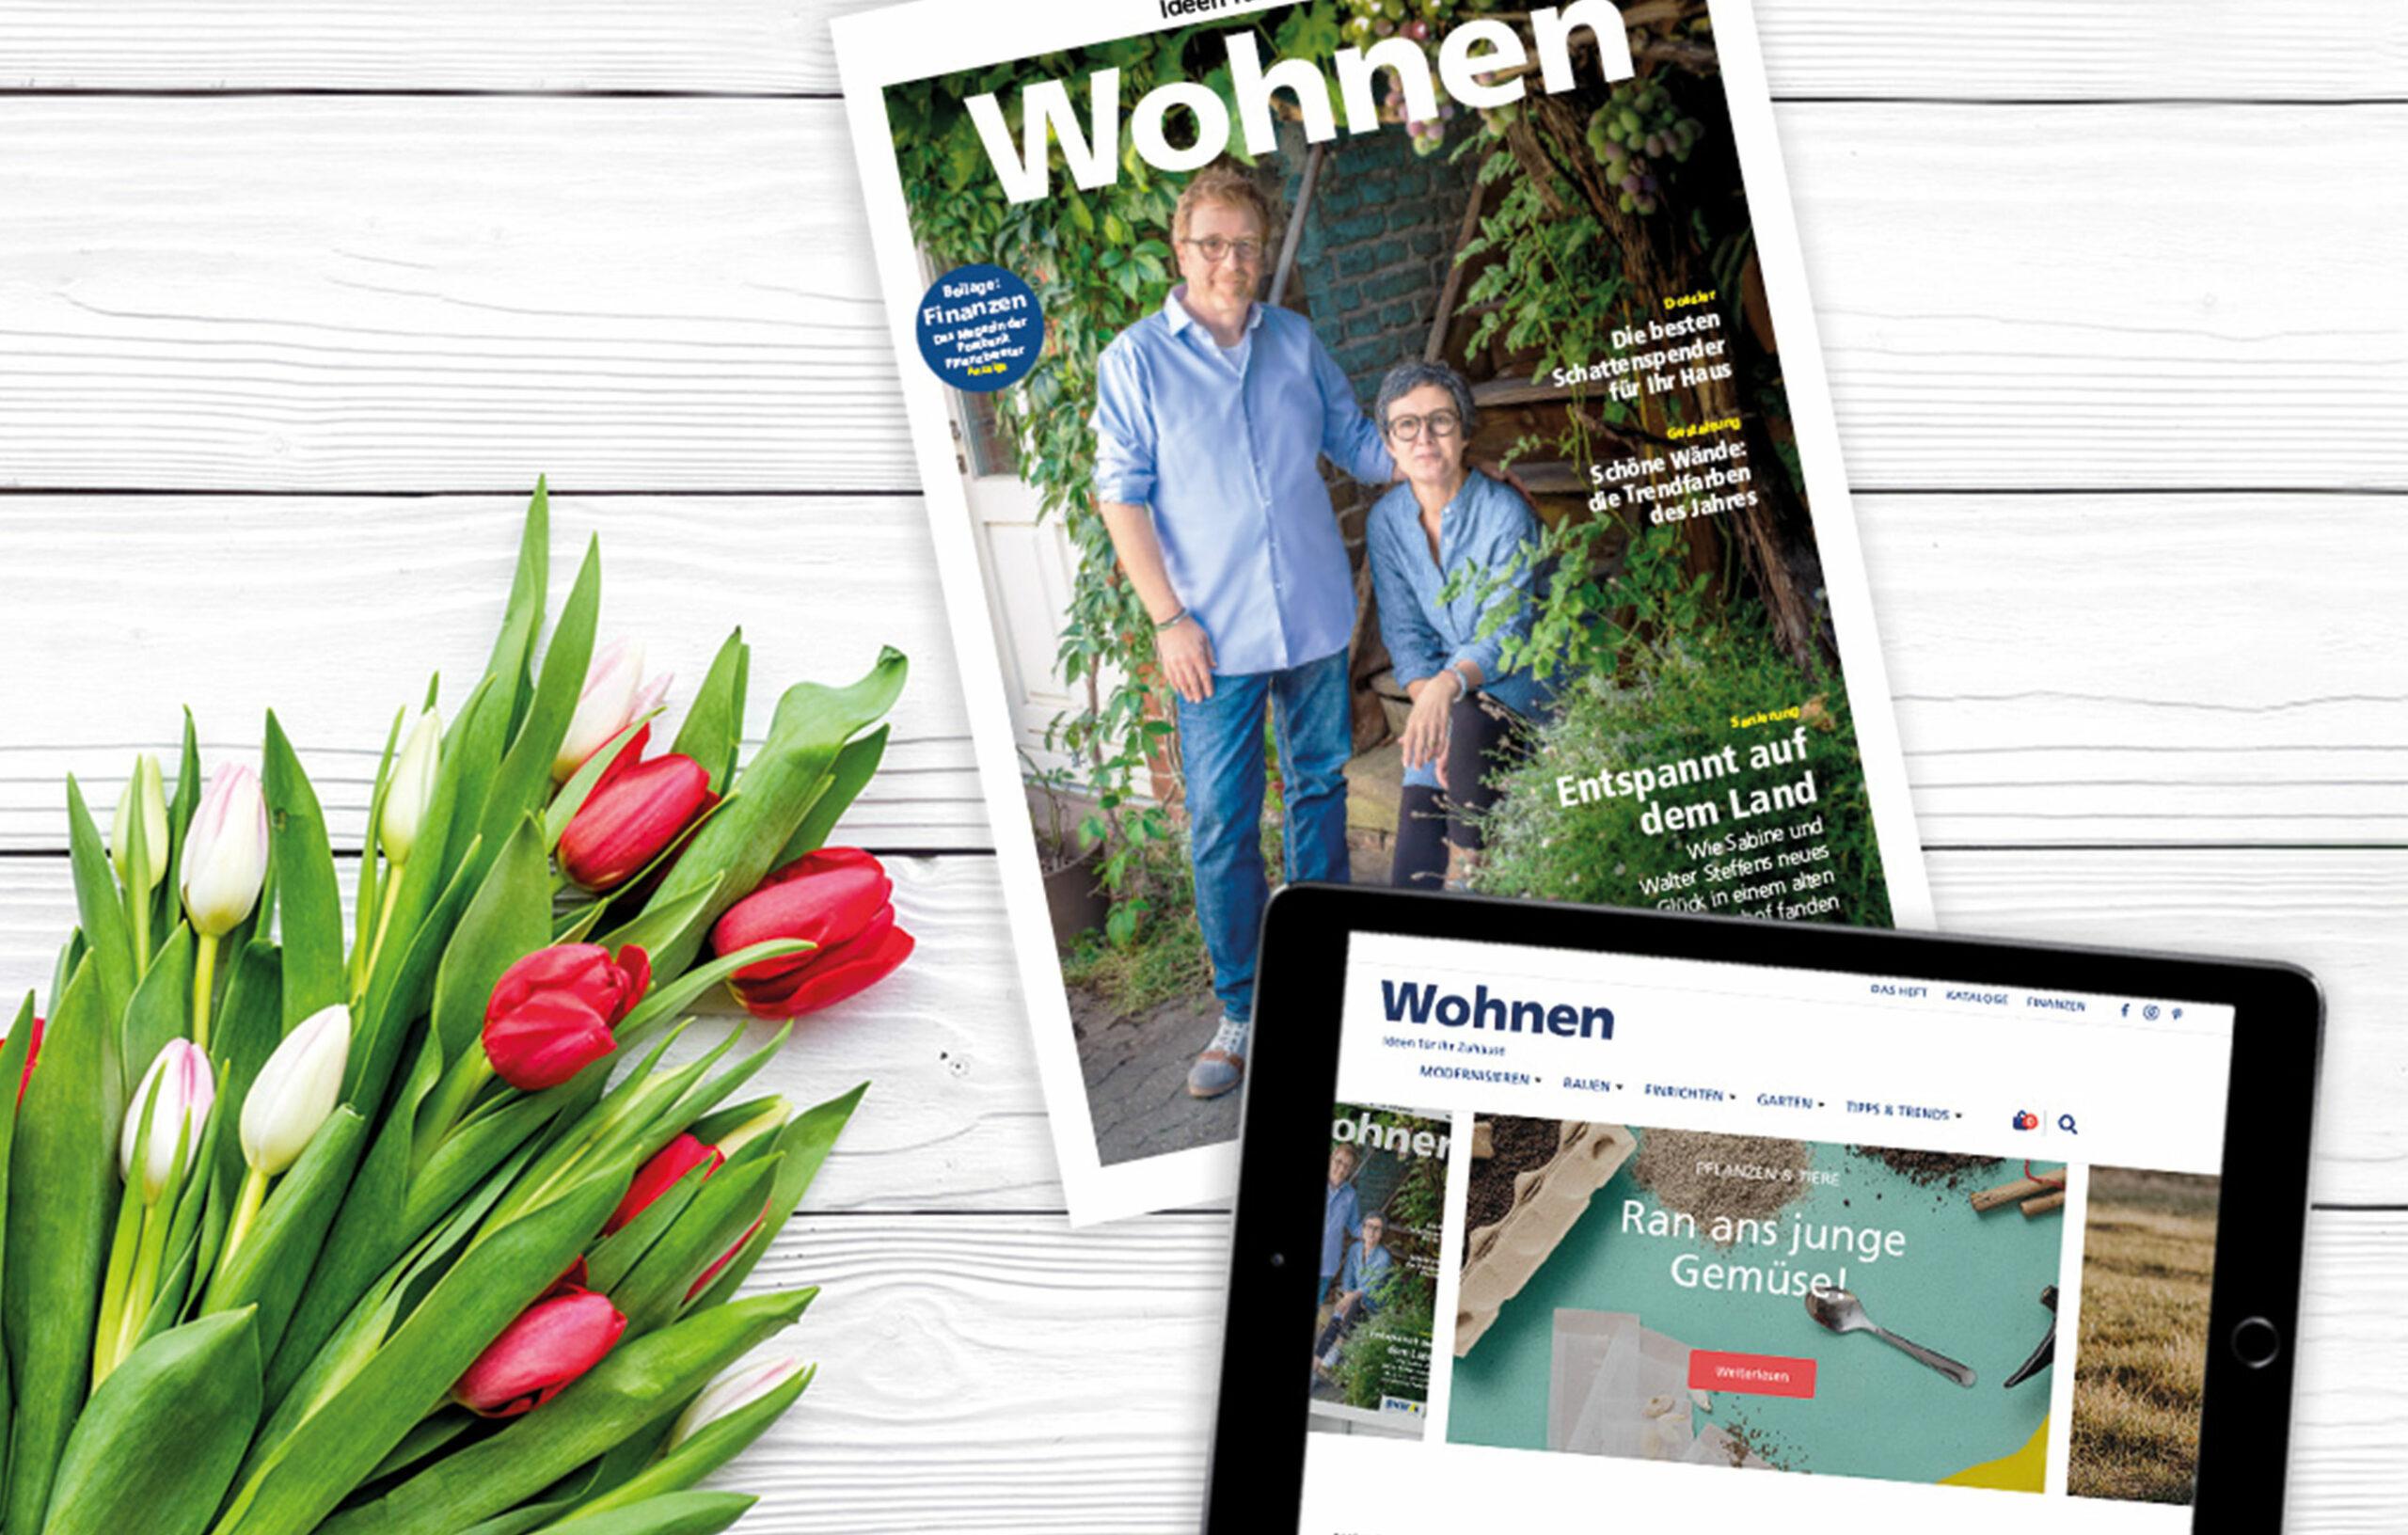 Wohnen Keyvisual. Wohnen Magazin und Wohnen Website auf iPad. Daneben liegt ein Strauß Blumen. Im Hintergrund ist ein weißer Holz Hintergrund.